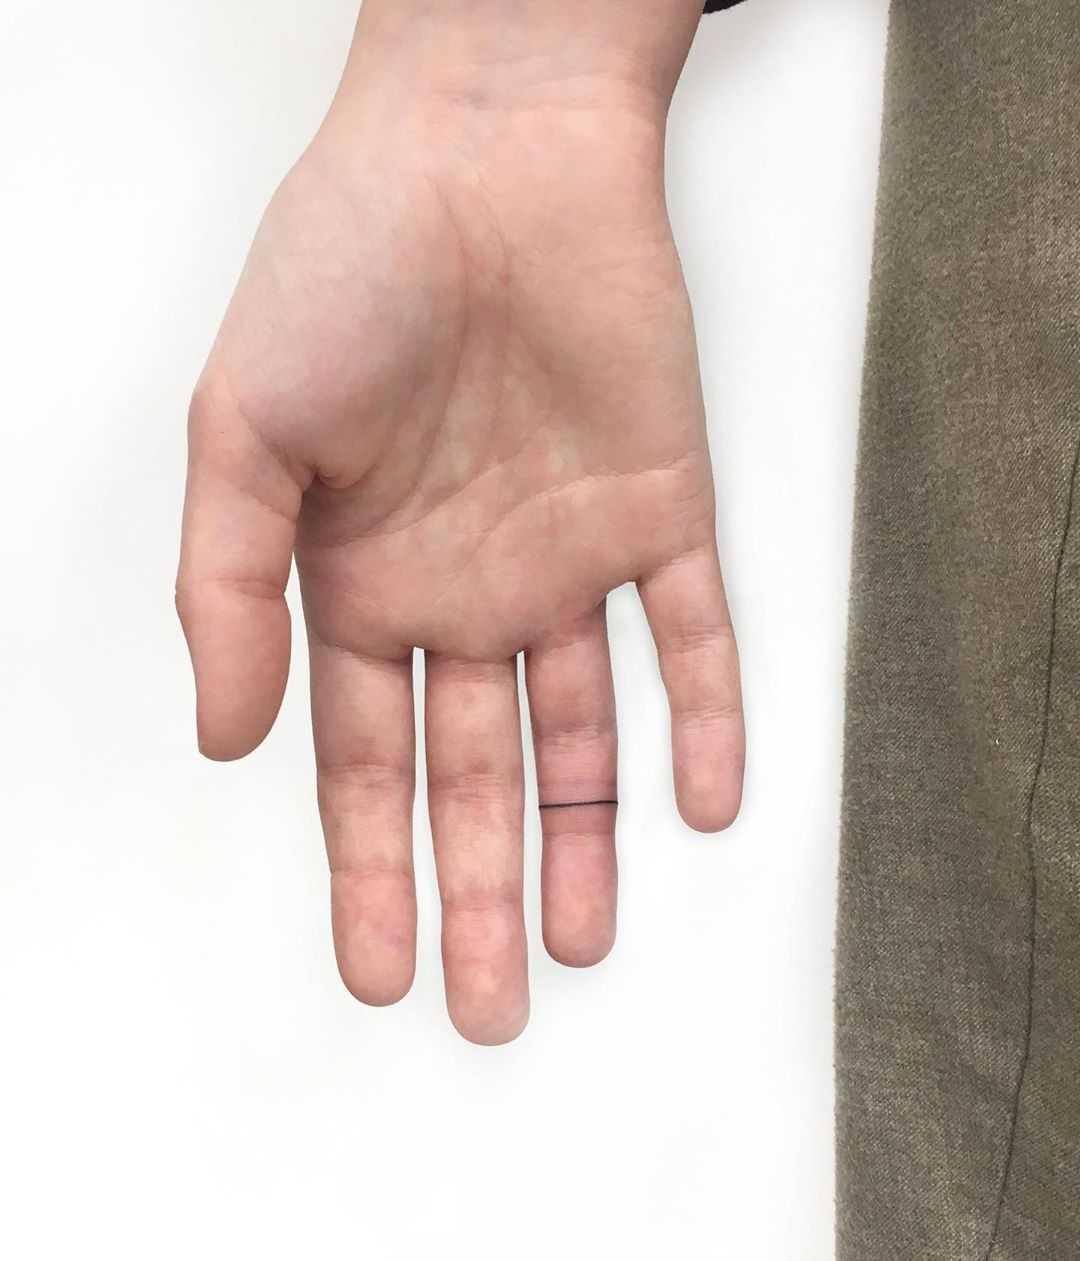 Finger band tattoo by Gianina Caputo